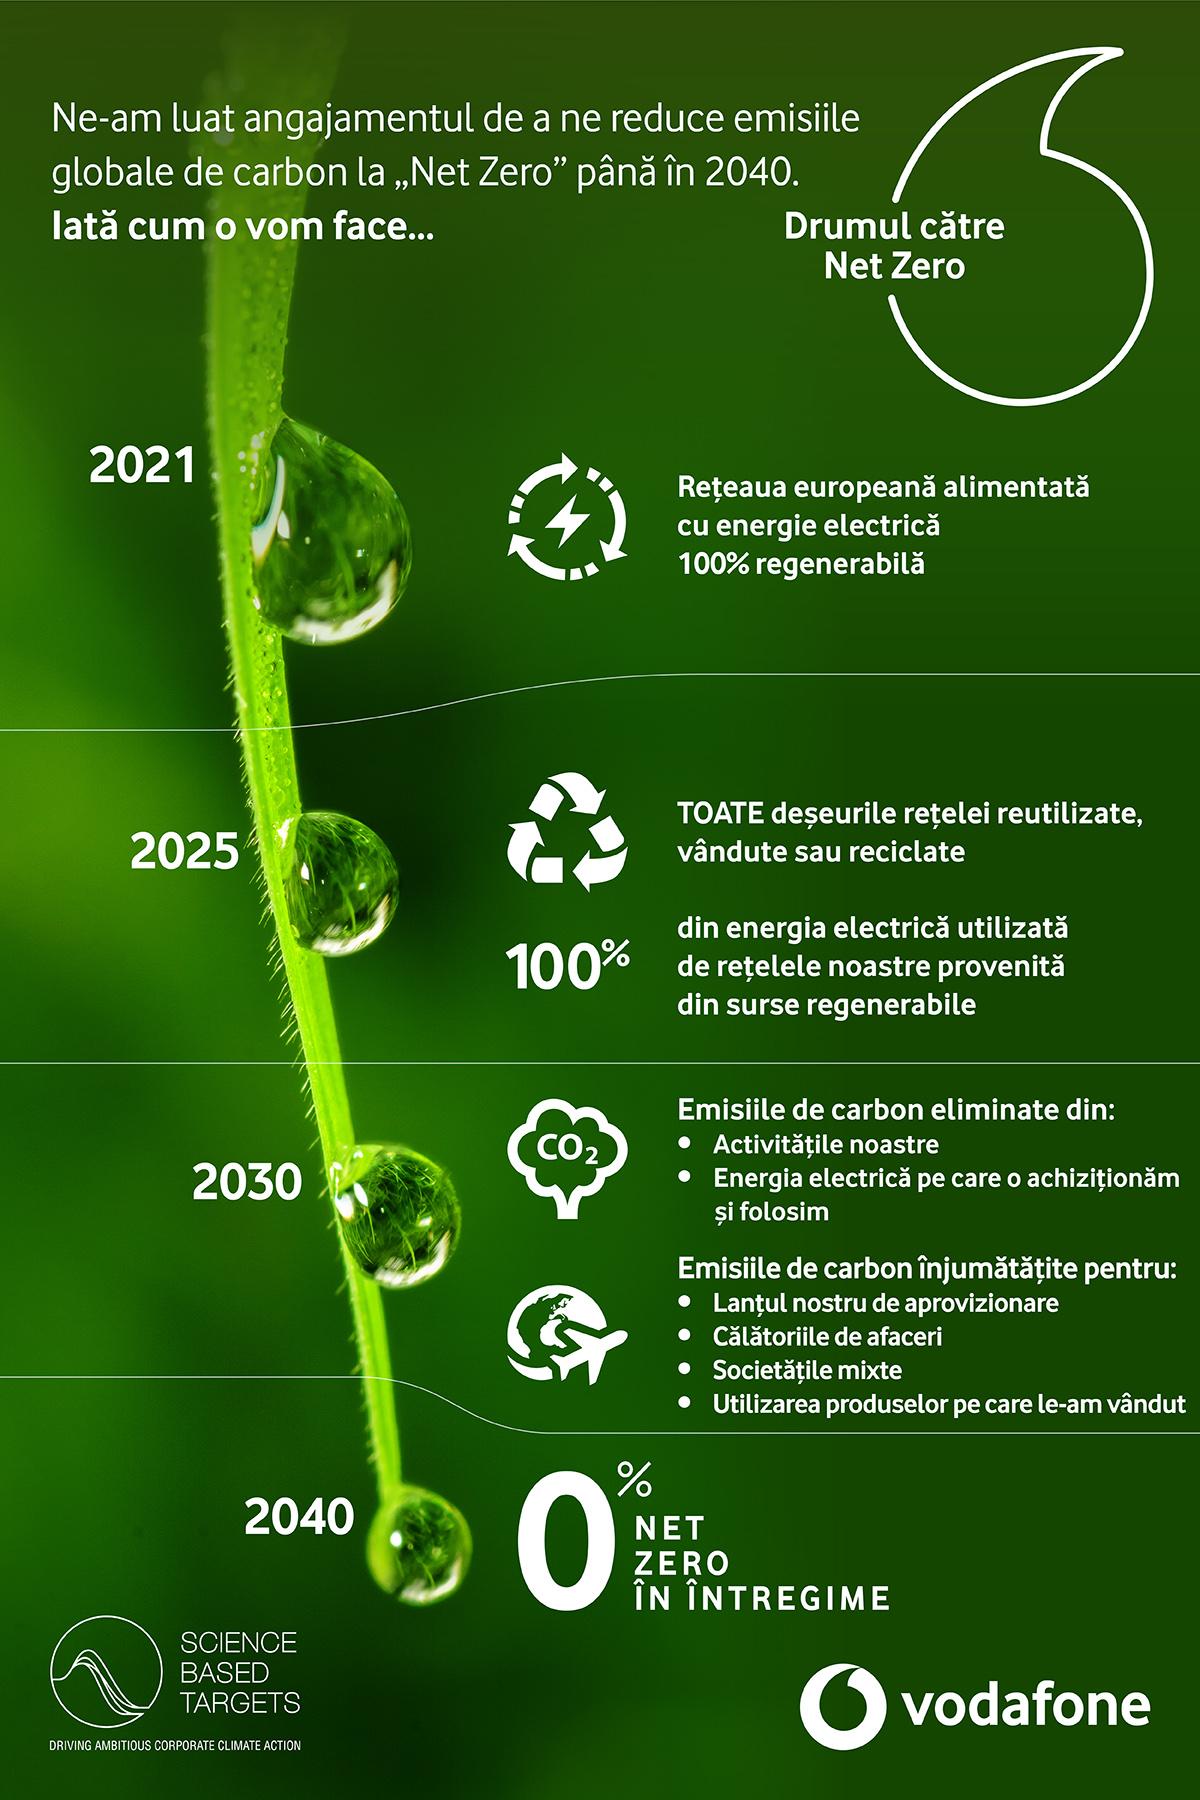 Vodafone își asumă un nou angajament: nivel net zero al emisiilor de dioxid de carbon până în 2040